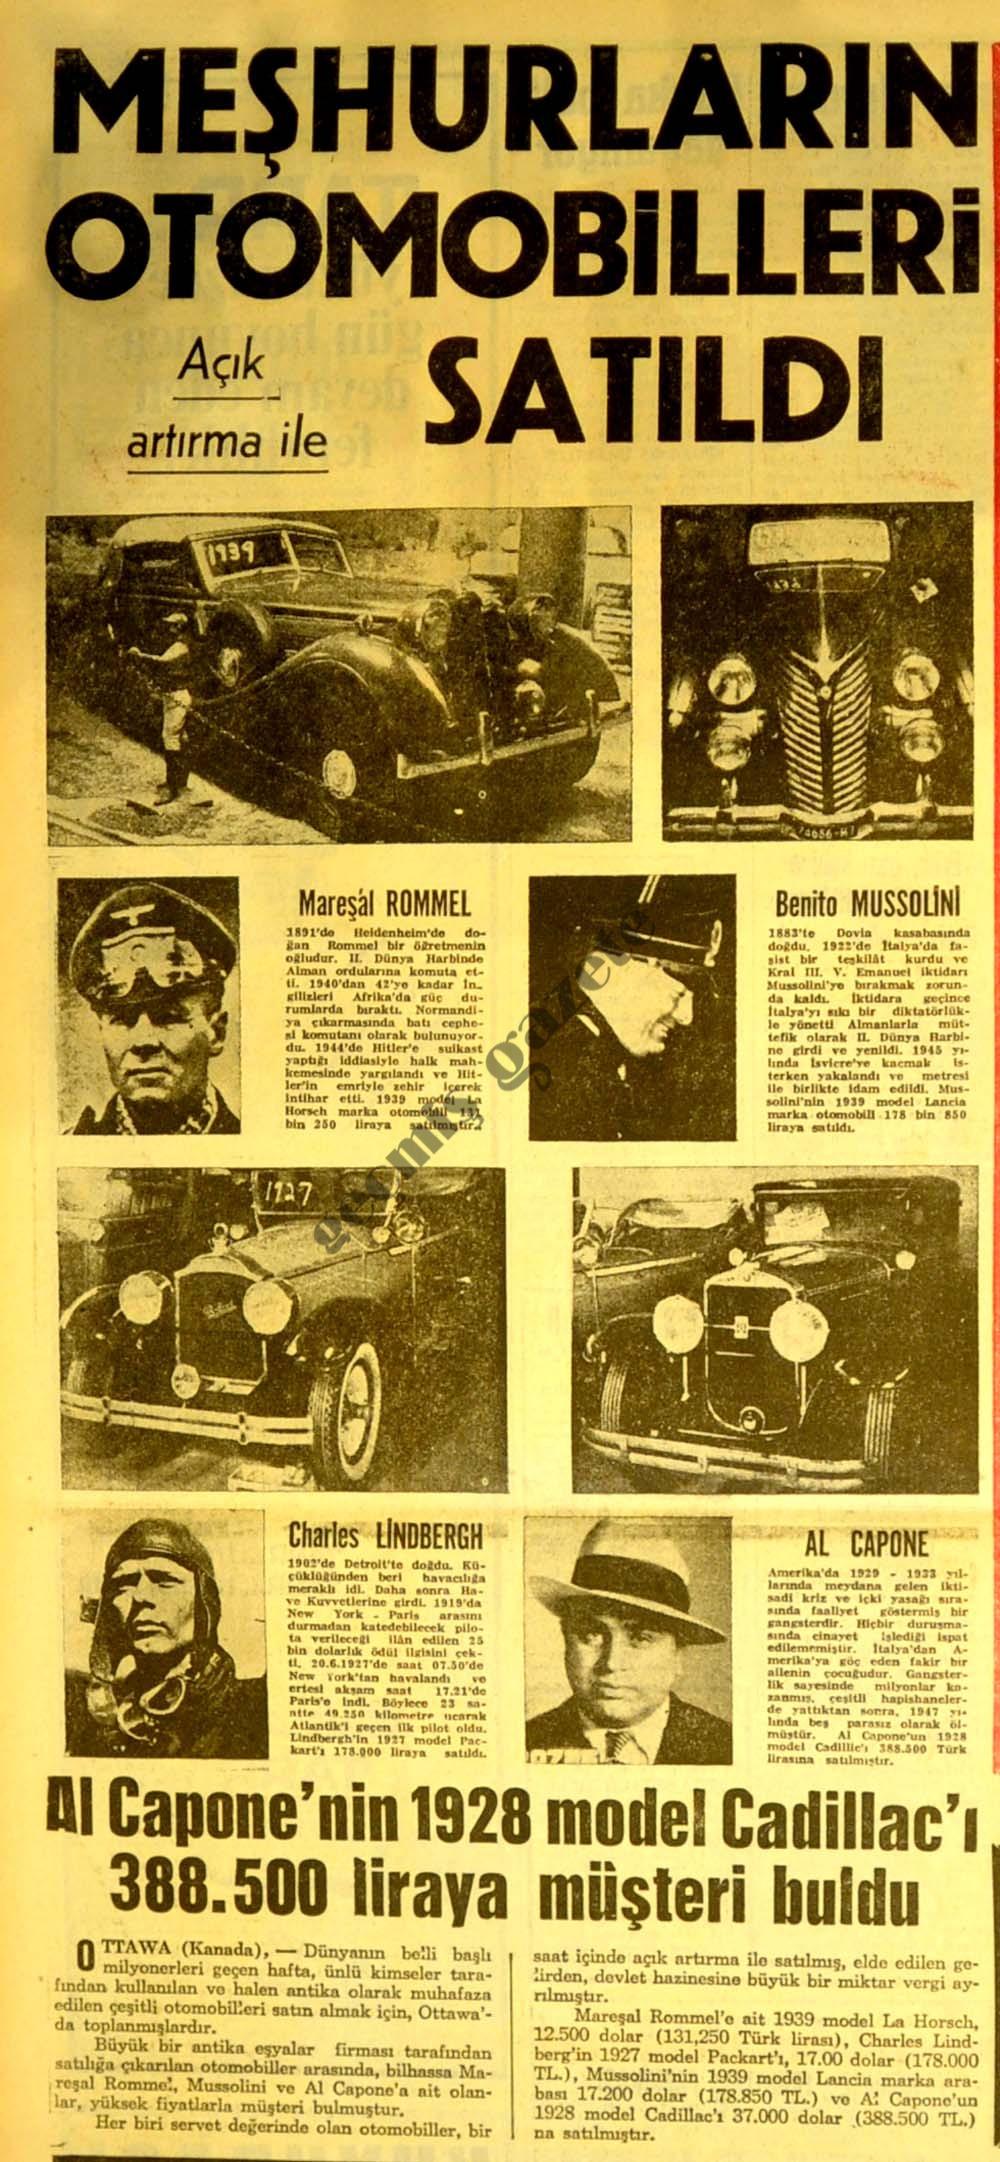 Meşhurların otomobilleri satıldı